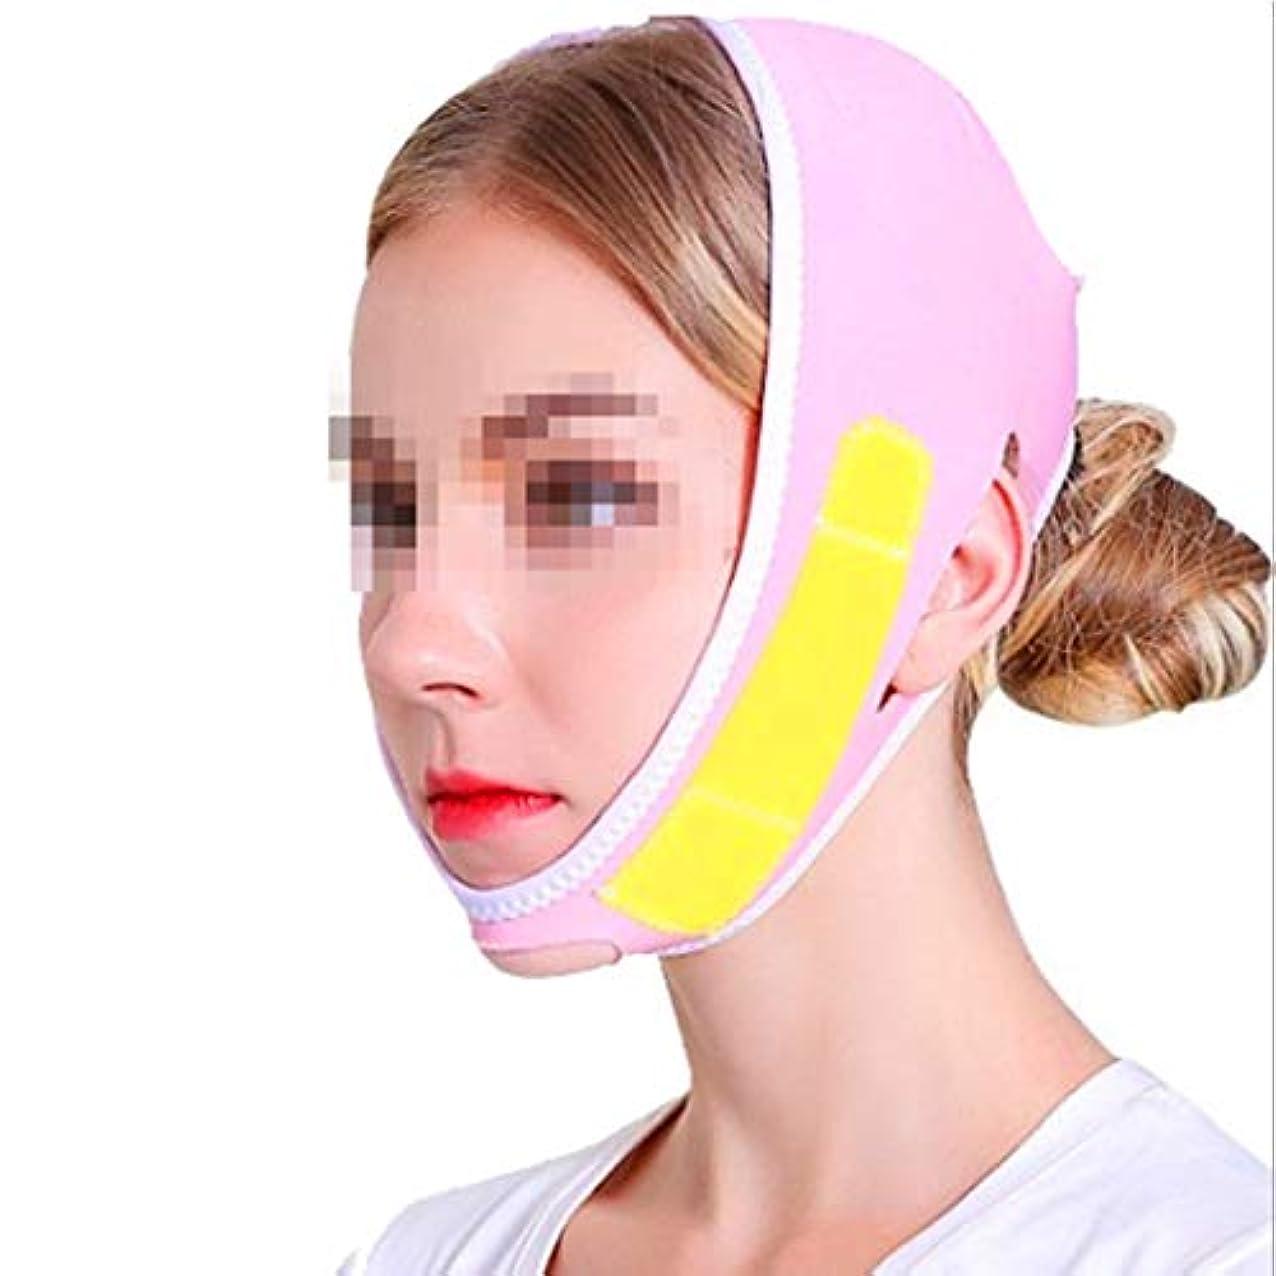 ハンドブック不要辞書フェイスリフトマスク、Vフェイスフェイシャルリフティングおよび締め付けをローラインマッサージ師ダブルチン美容整形包帯マルチカラーオプション (Color : Pink)